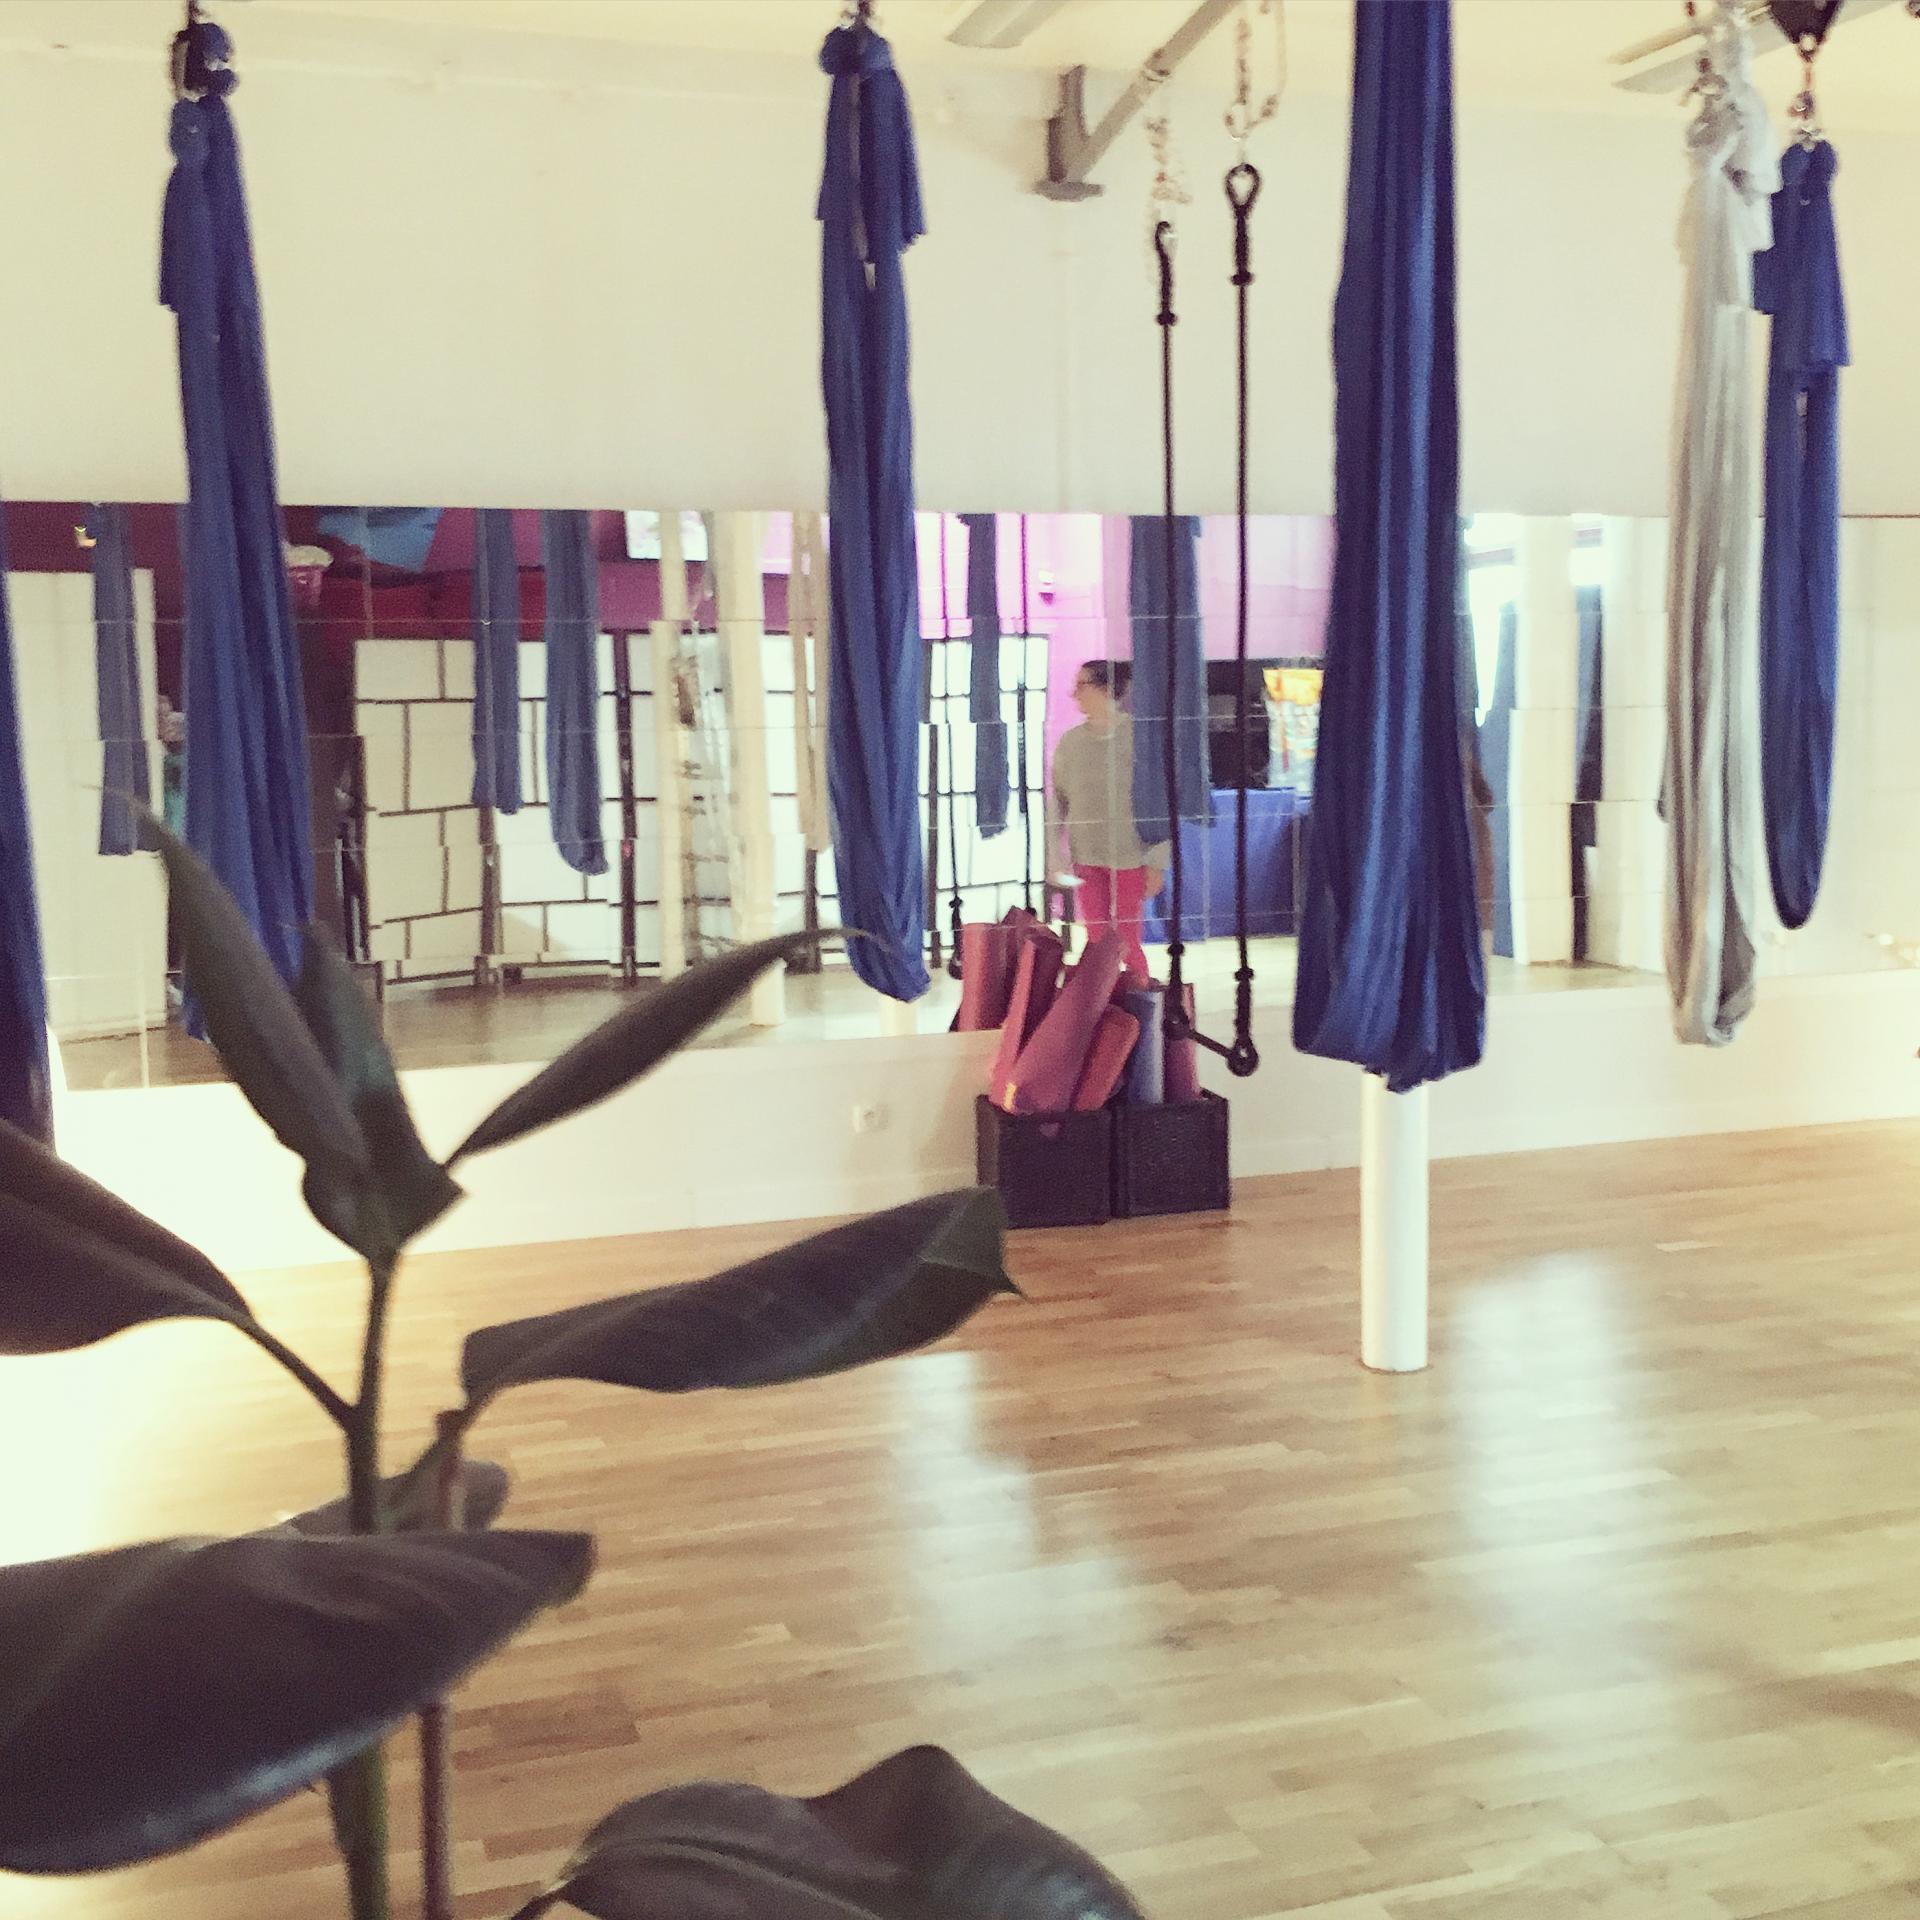 Sharefashion - SportTour, j'ai testé les salles de sport à Paris - Fly Yoga